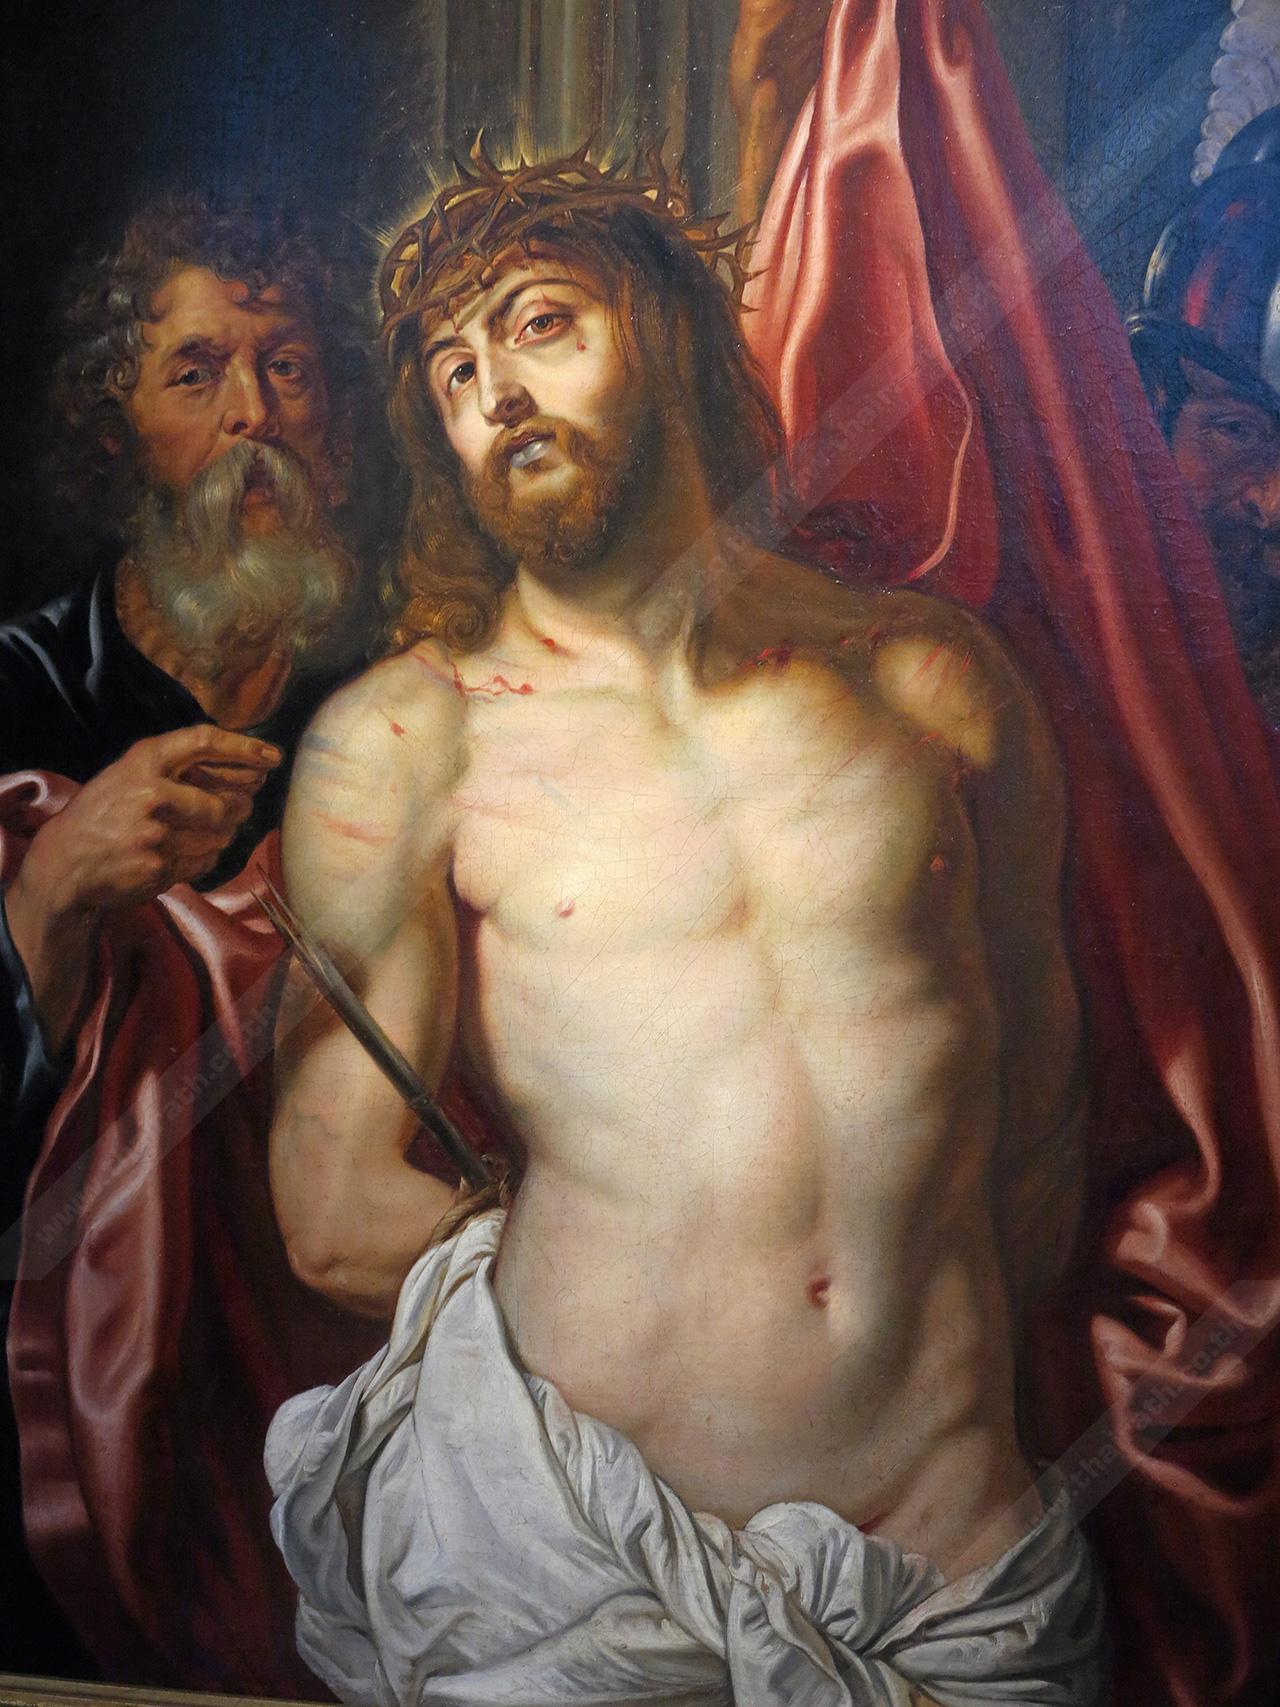 ภาพพระเยซูฝีมือจิตรกรเอก..รูเบนส์.